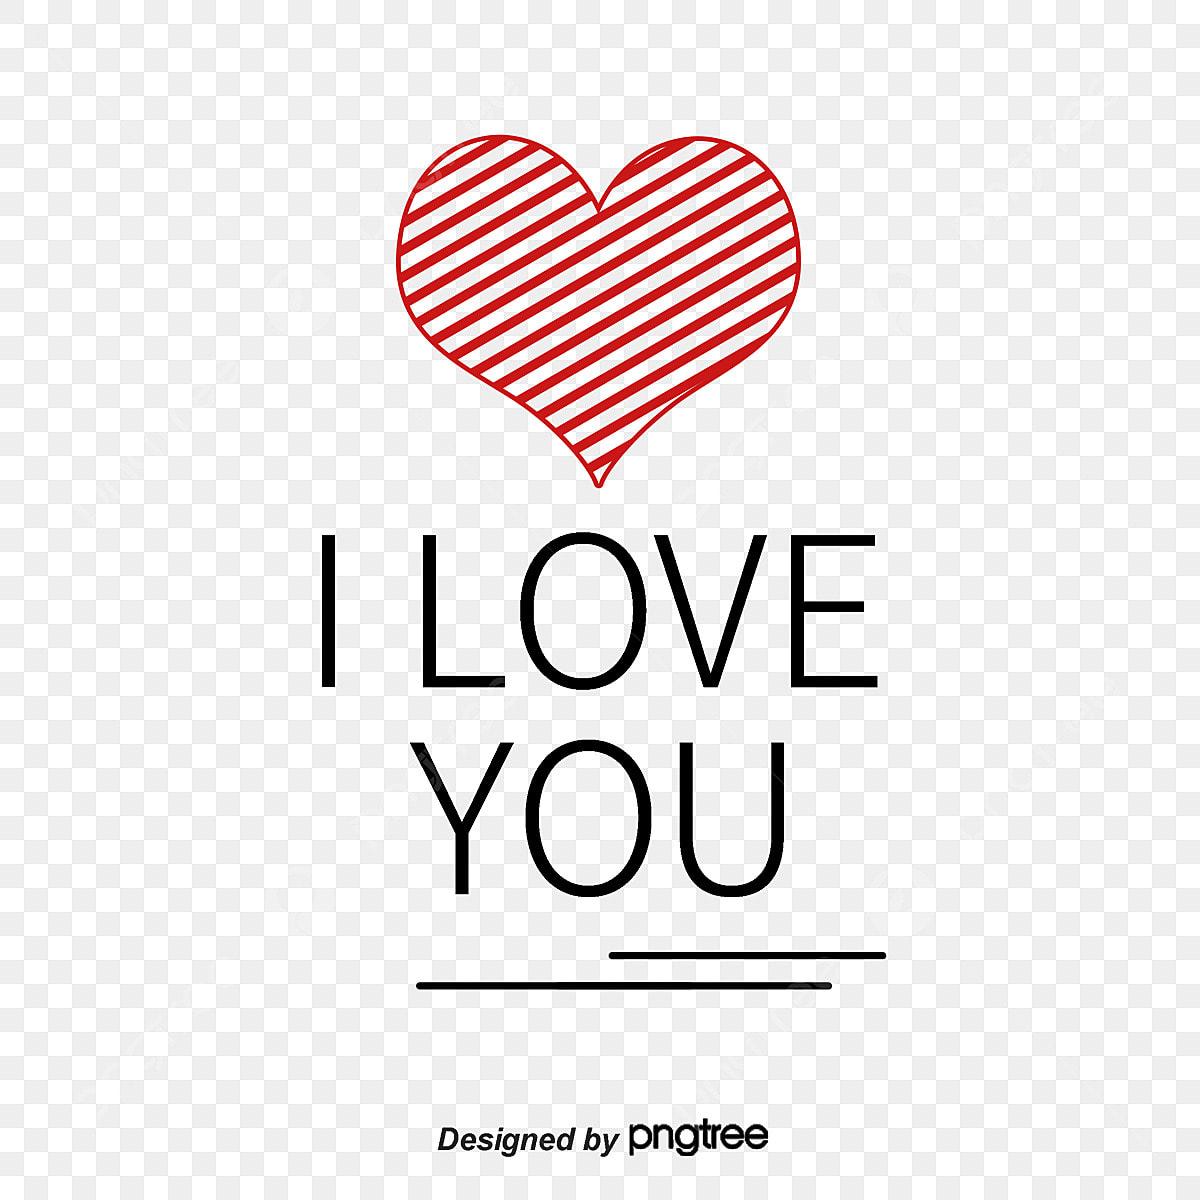 أى لاف يو الكلمات الإنجليزية قلوب قلب على شكل قلب Png وملف Psd للتحميل مجانا